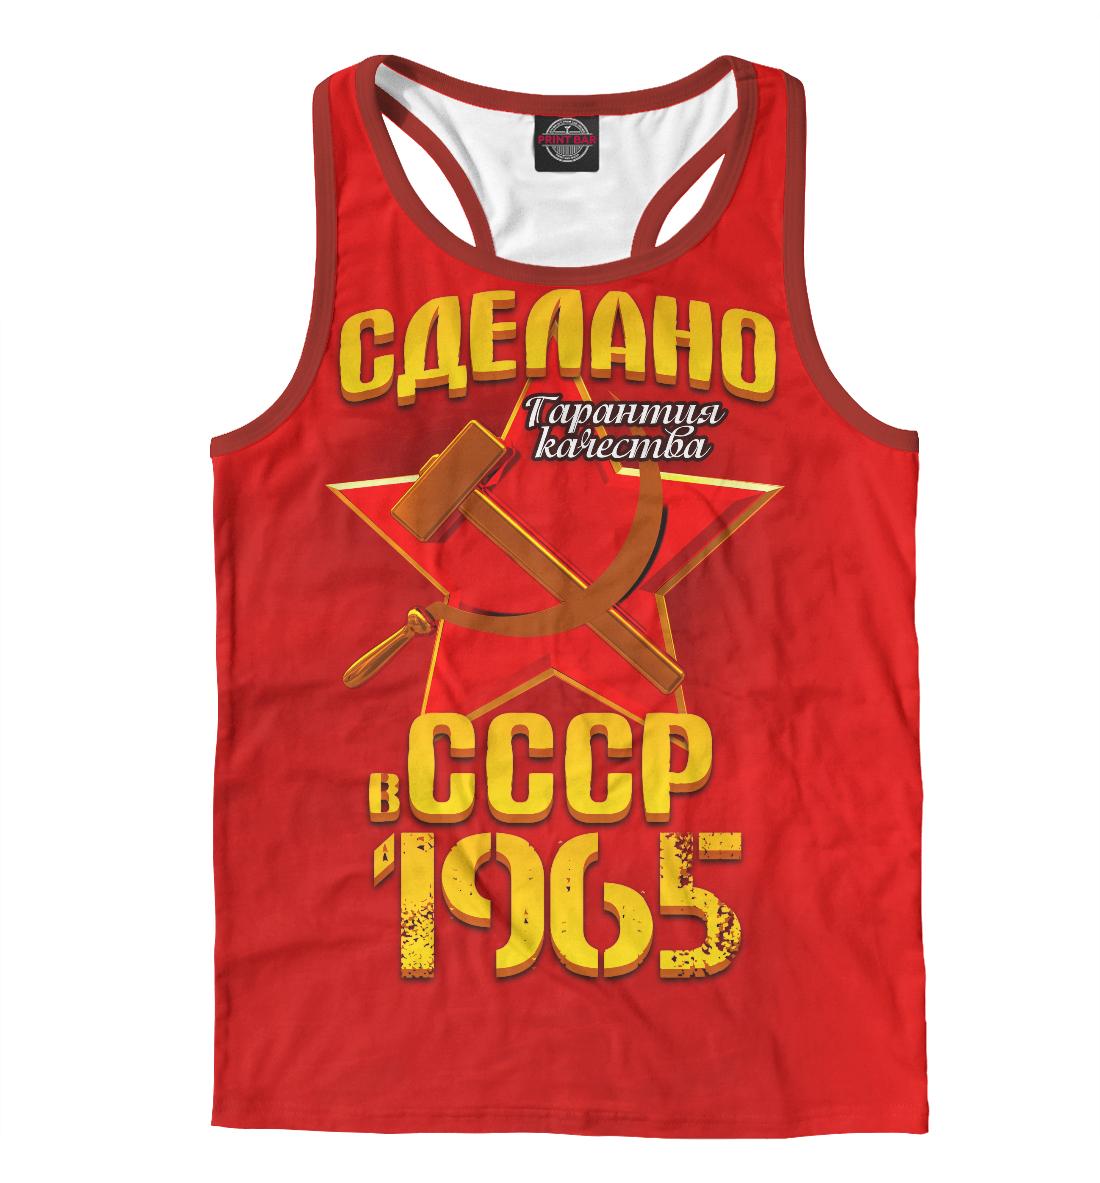 Купить Сделано в 1965, Printbar, Майки борцовки, DHP-485695-mayb-2